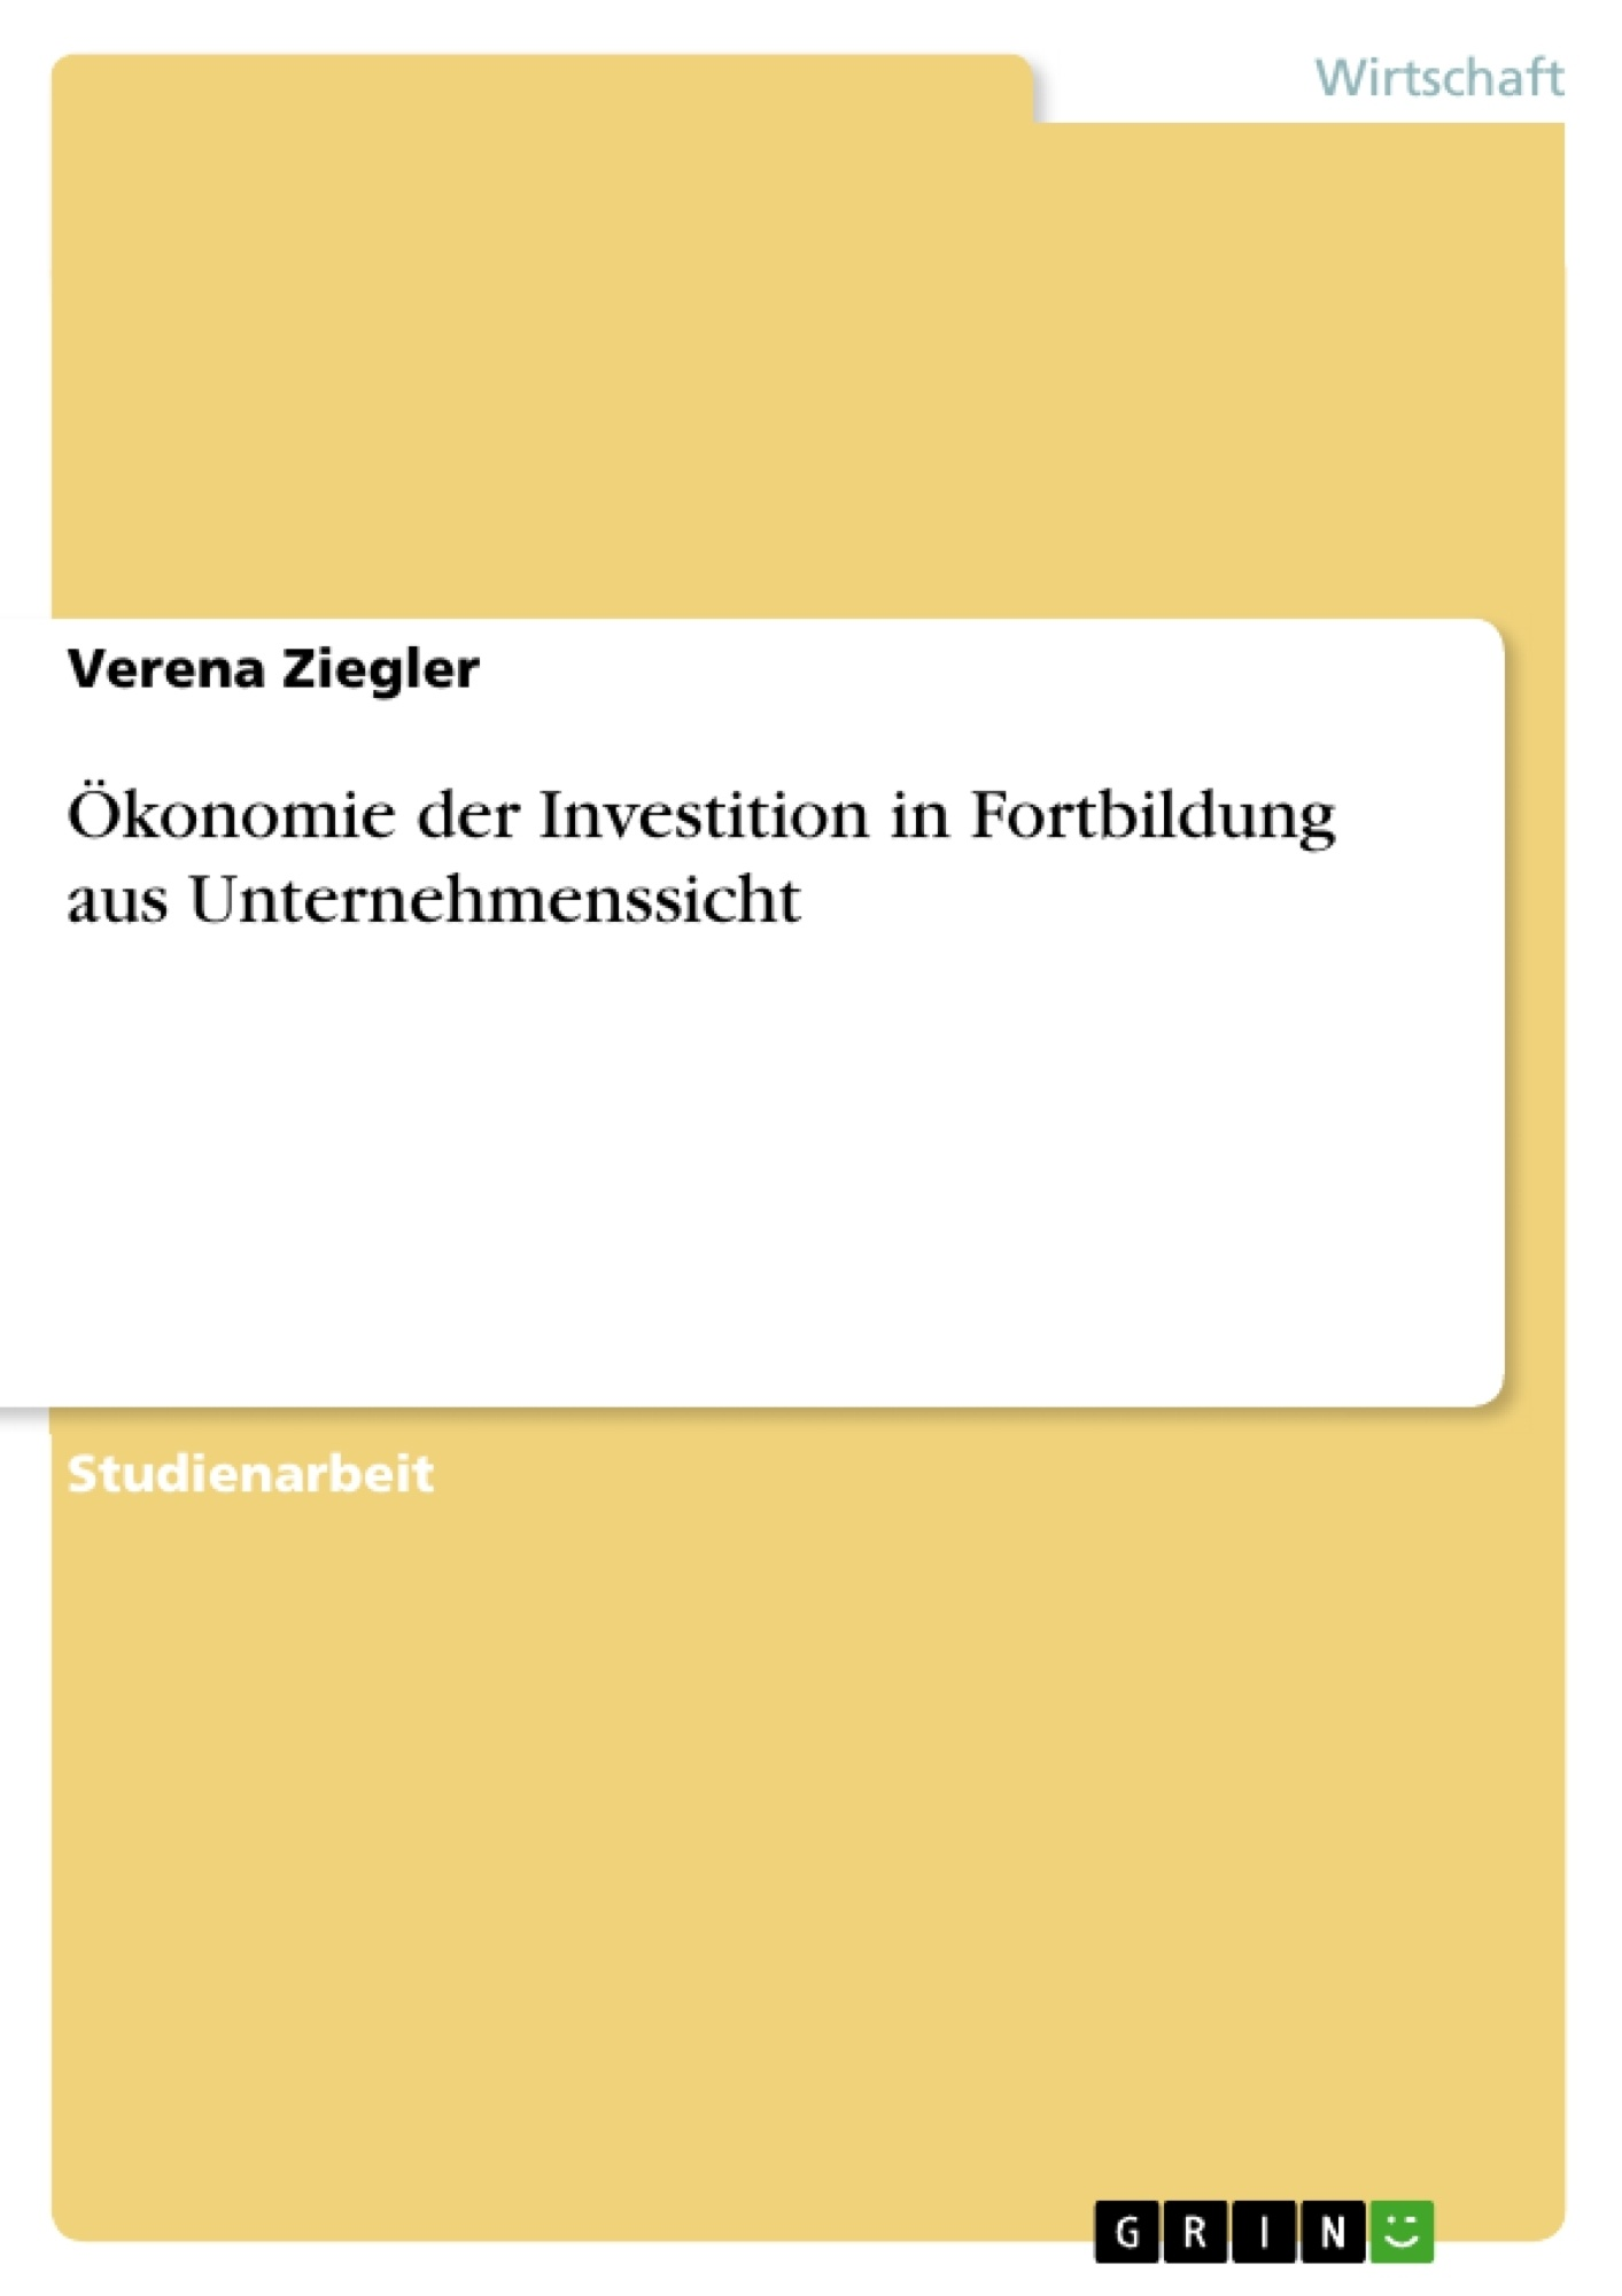 Titel: Ökonomie der Investition in Fortbildung aus Unternehmenssicht